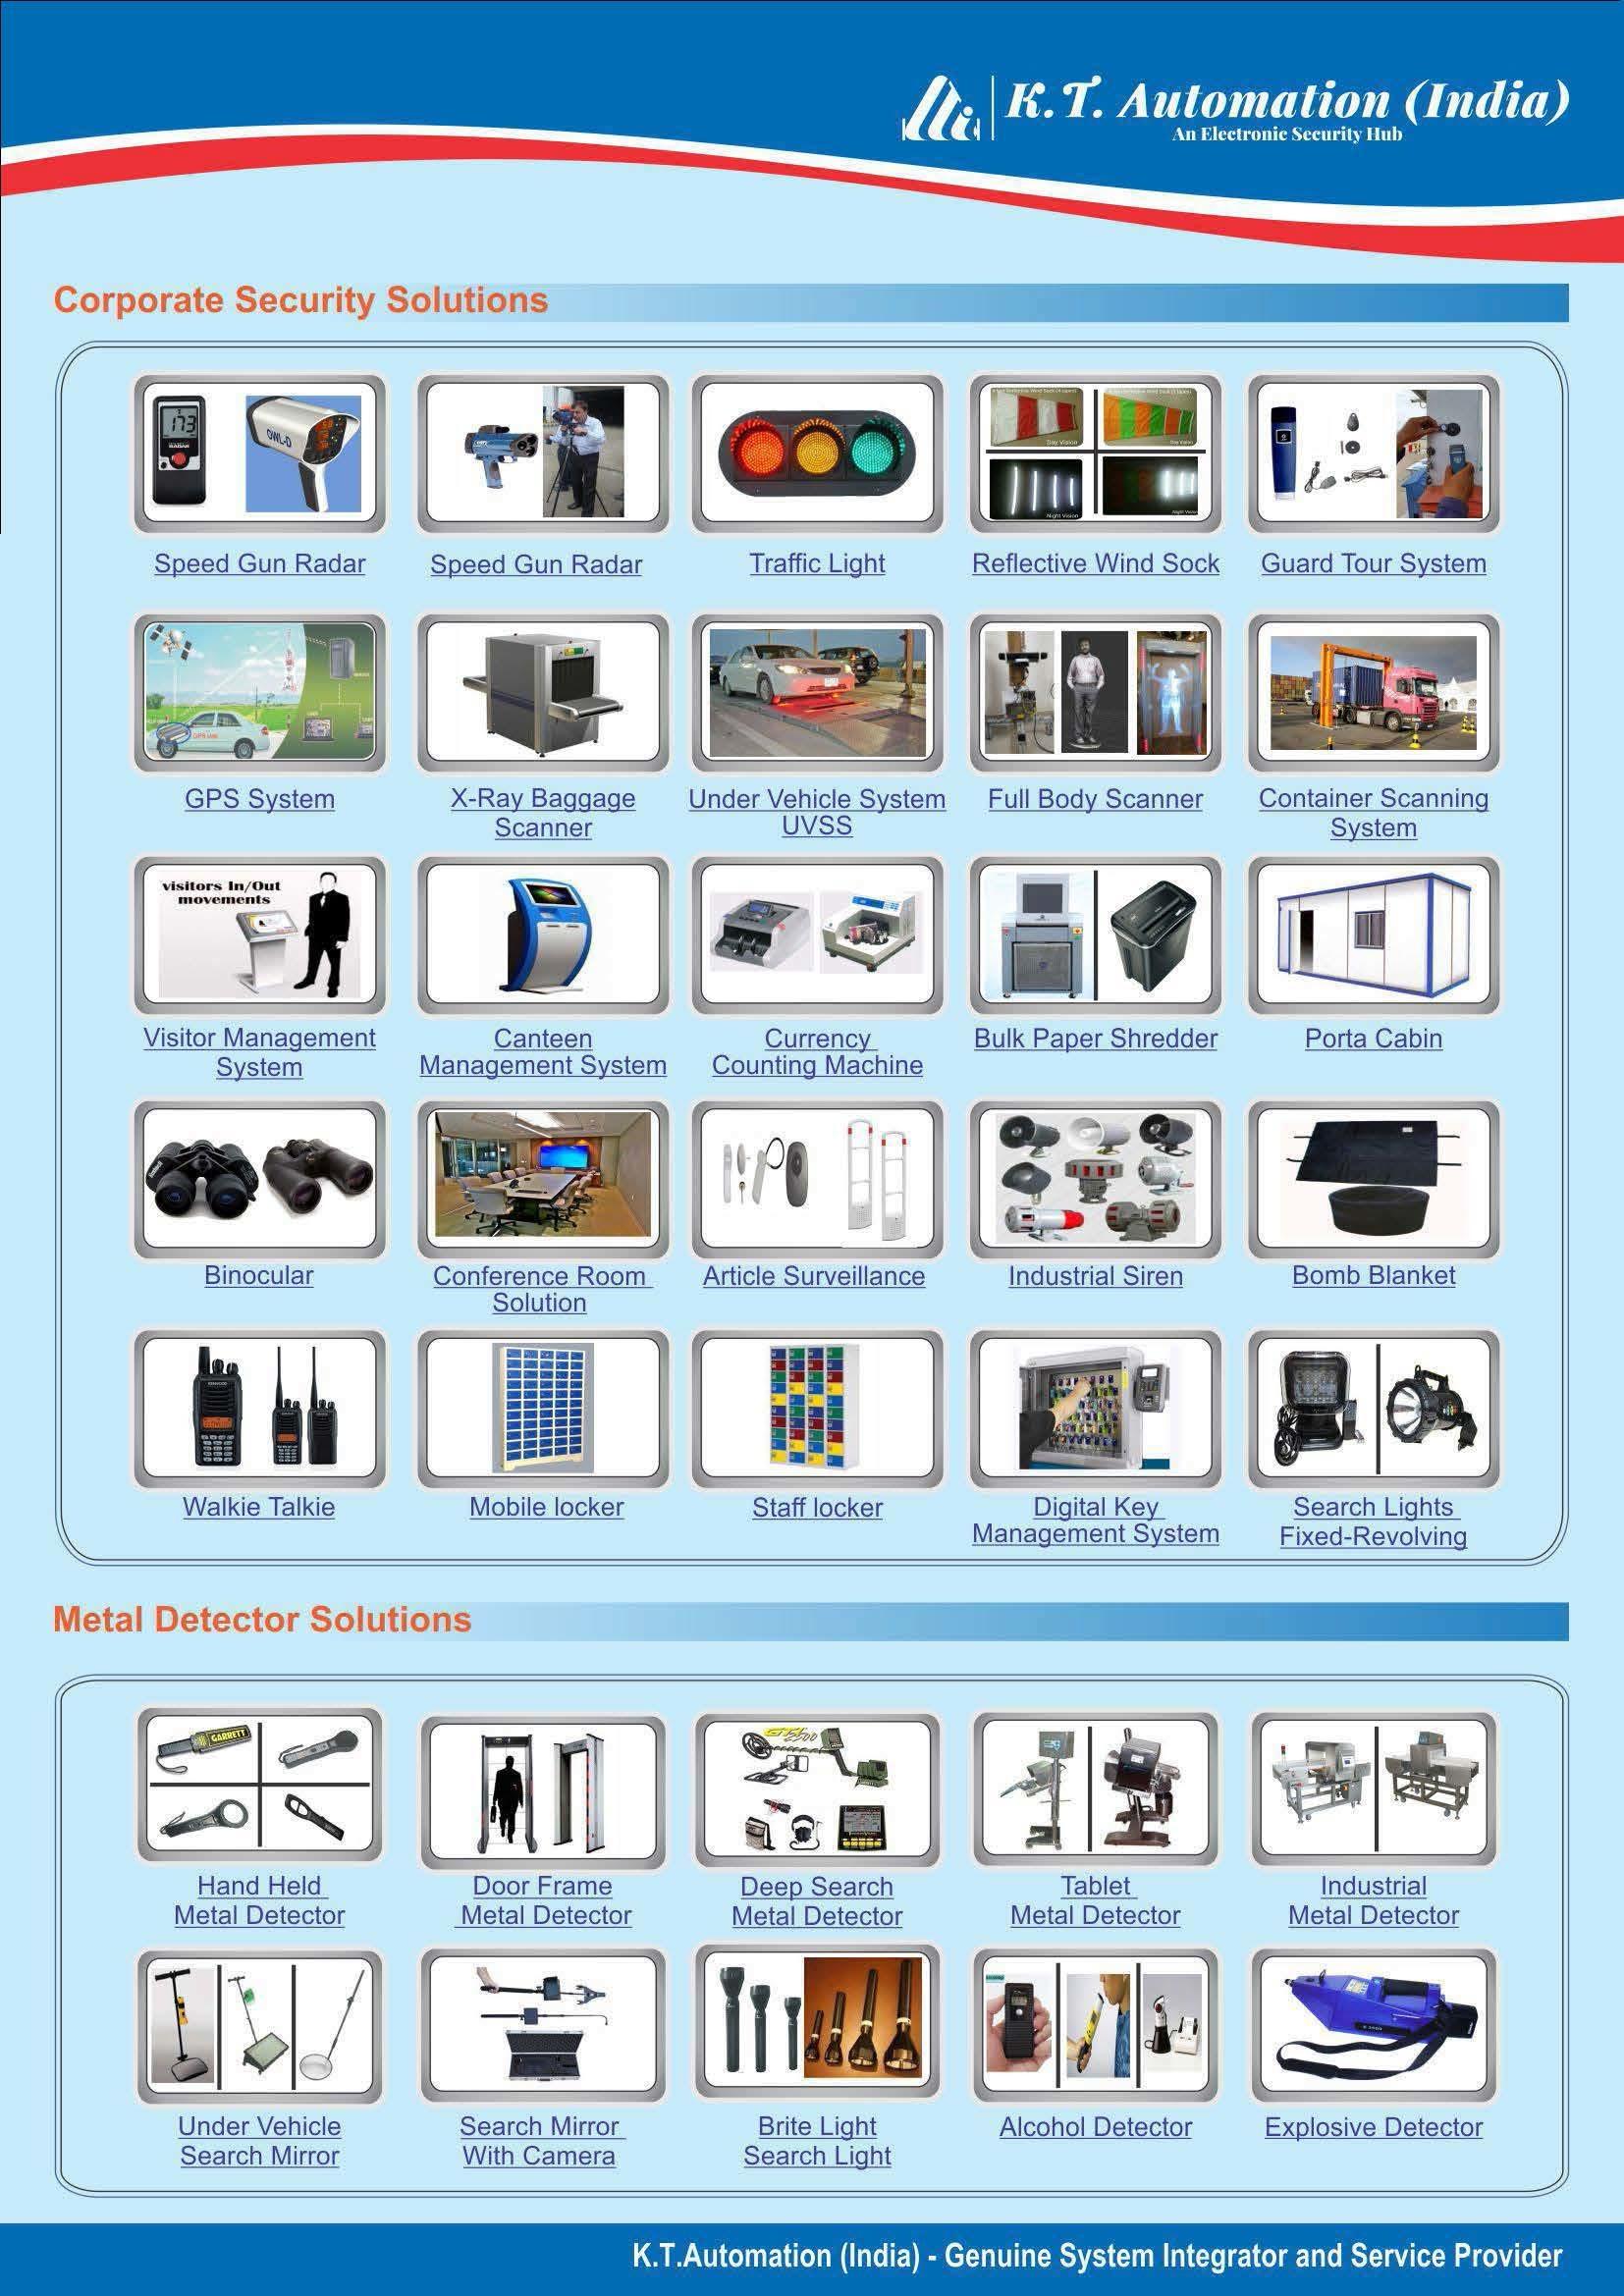 Door Frame Metal Detector - Single Zone